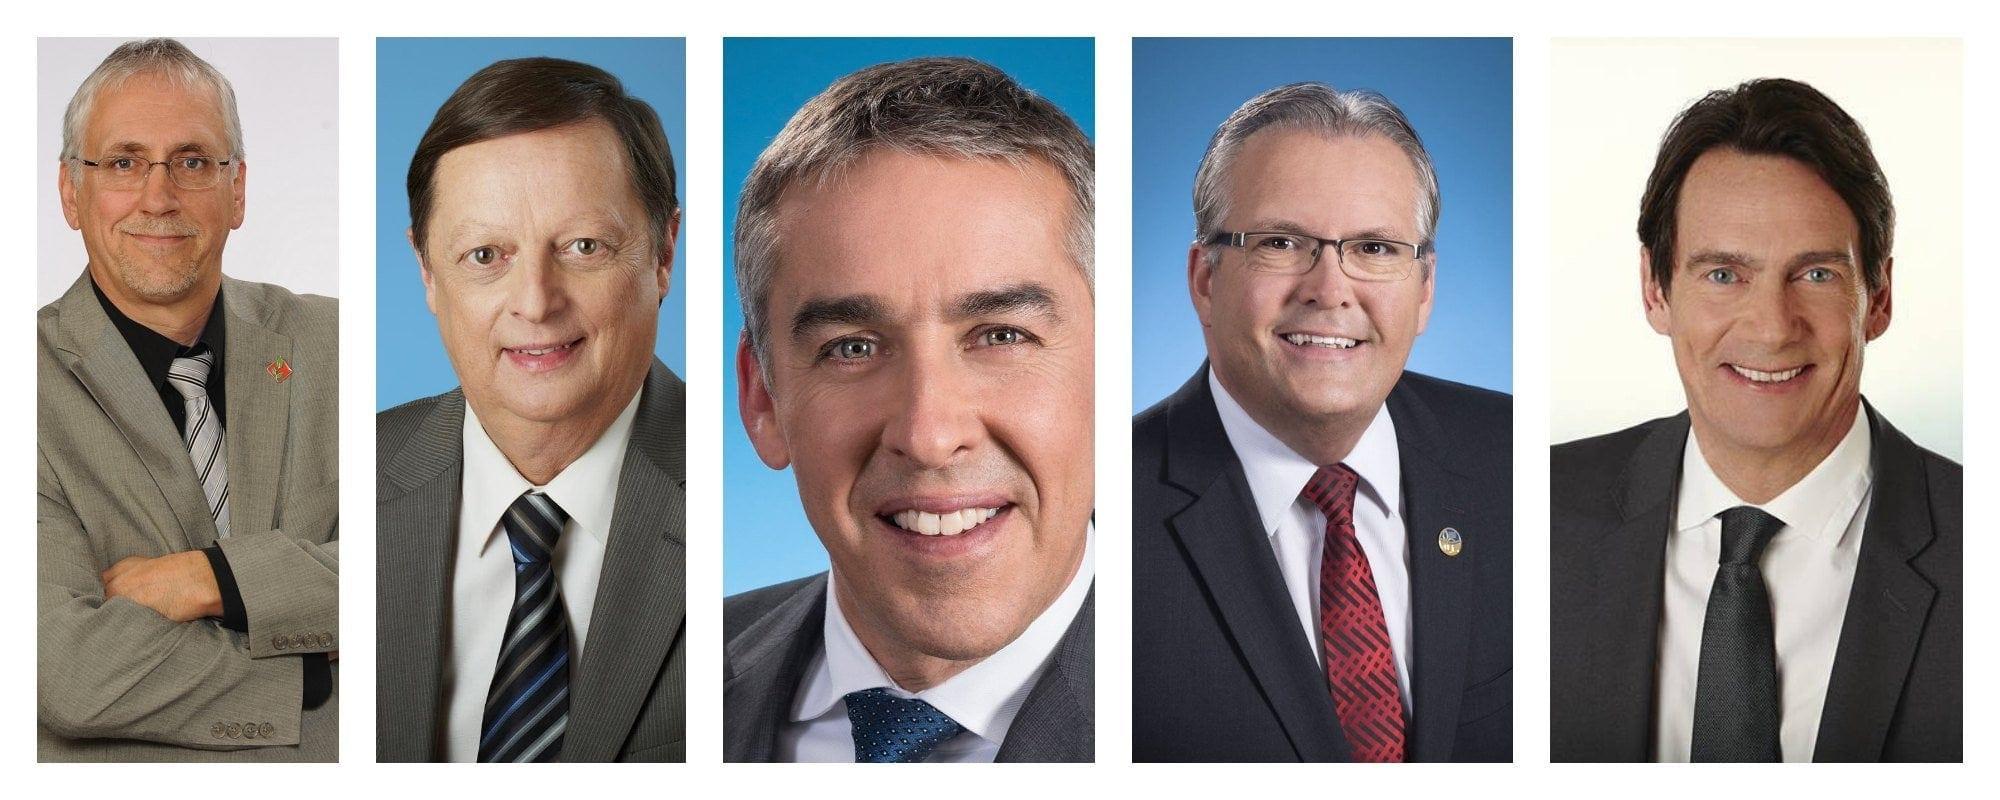 Les députés des environs. De gauche à droite: Pierre Dionne Labelle, député fédéral de Rivière-du-Nord, et ses collègues provinciaux; Claude Cousineau, Nicolas Marceau, Yves St-Denis et Pierre Karl Péladeau.